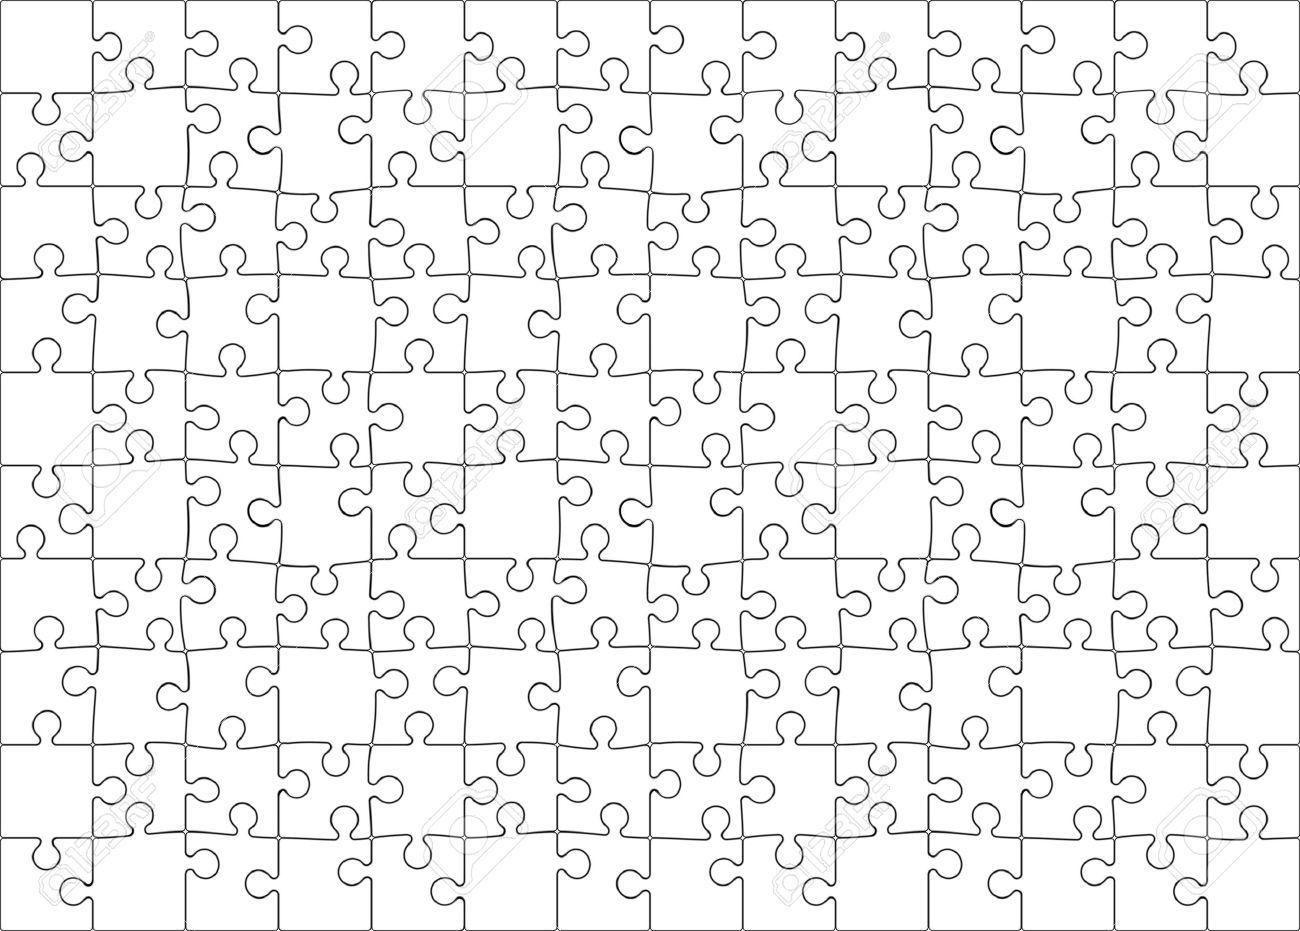 Fondo Vector Ilustración De En Blanco Jigsaw Puzzle (cada Pieza Es ...